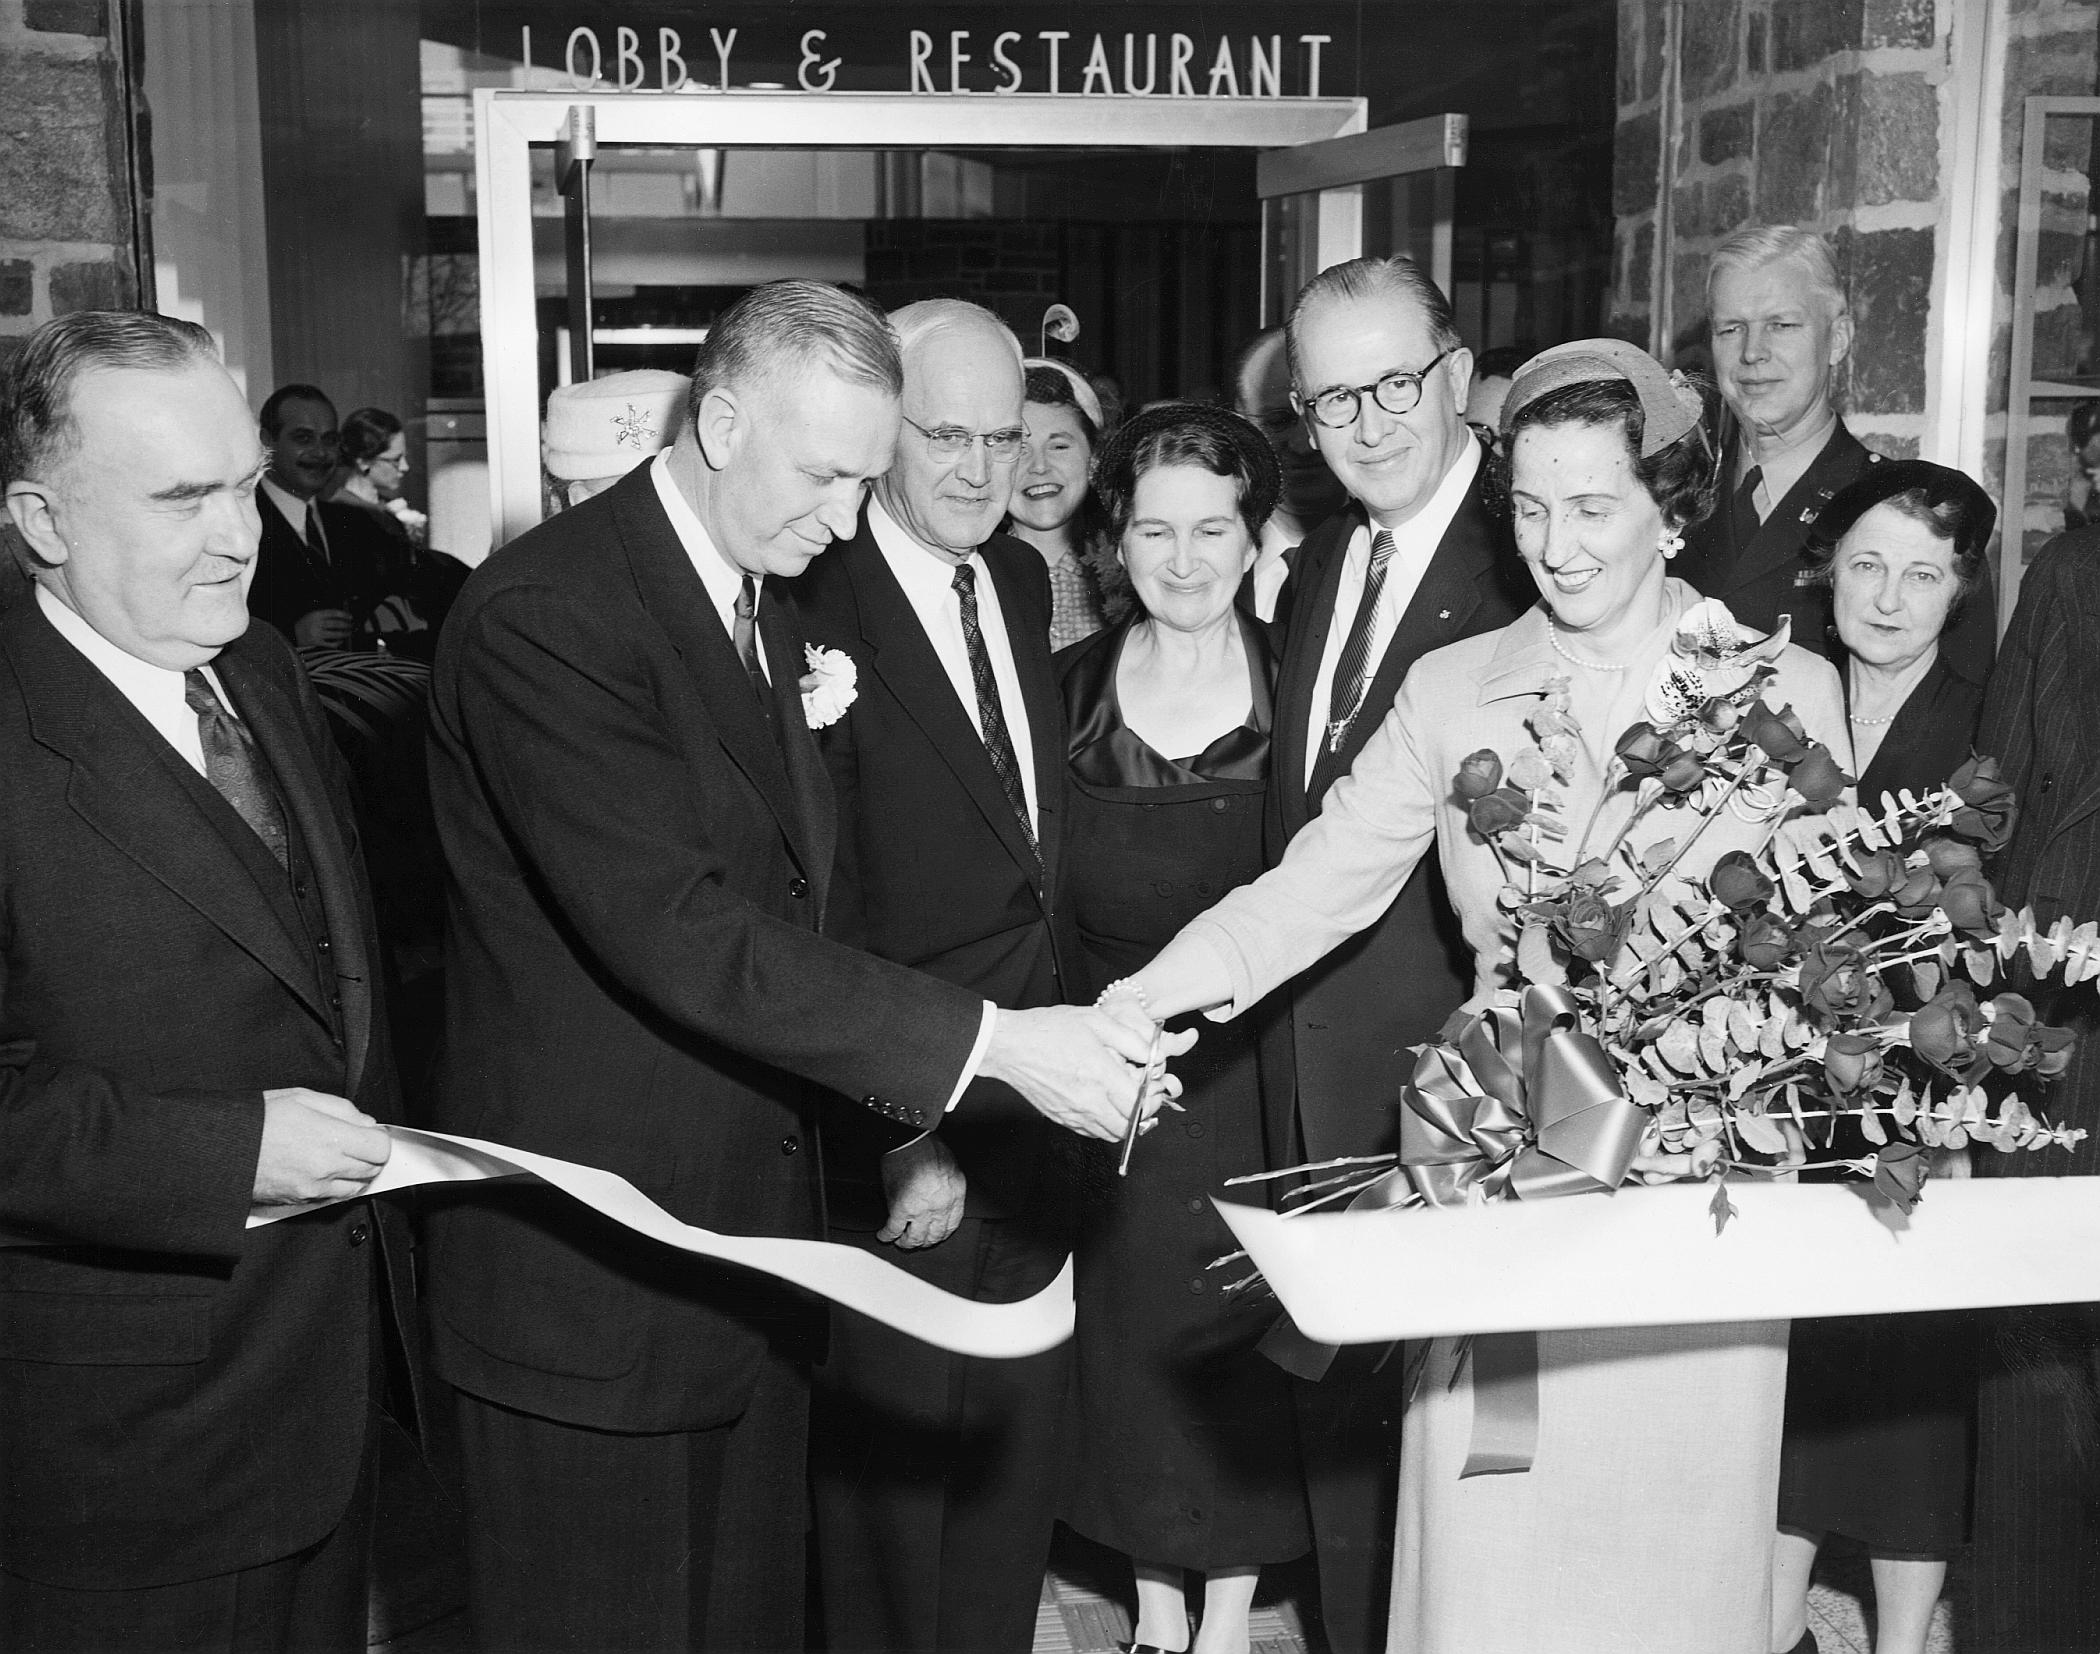 J.W. Marriott, Sr. alongside his wife, Alice, open Marriott's first hotel, the Twin Bridges Motor Hotel in Virginia.